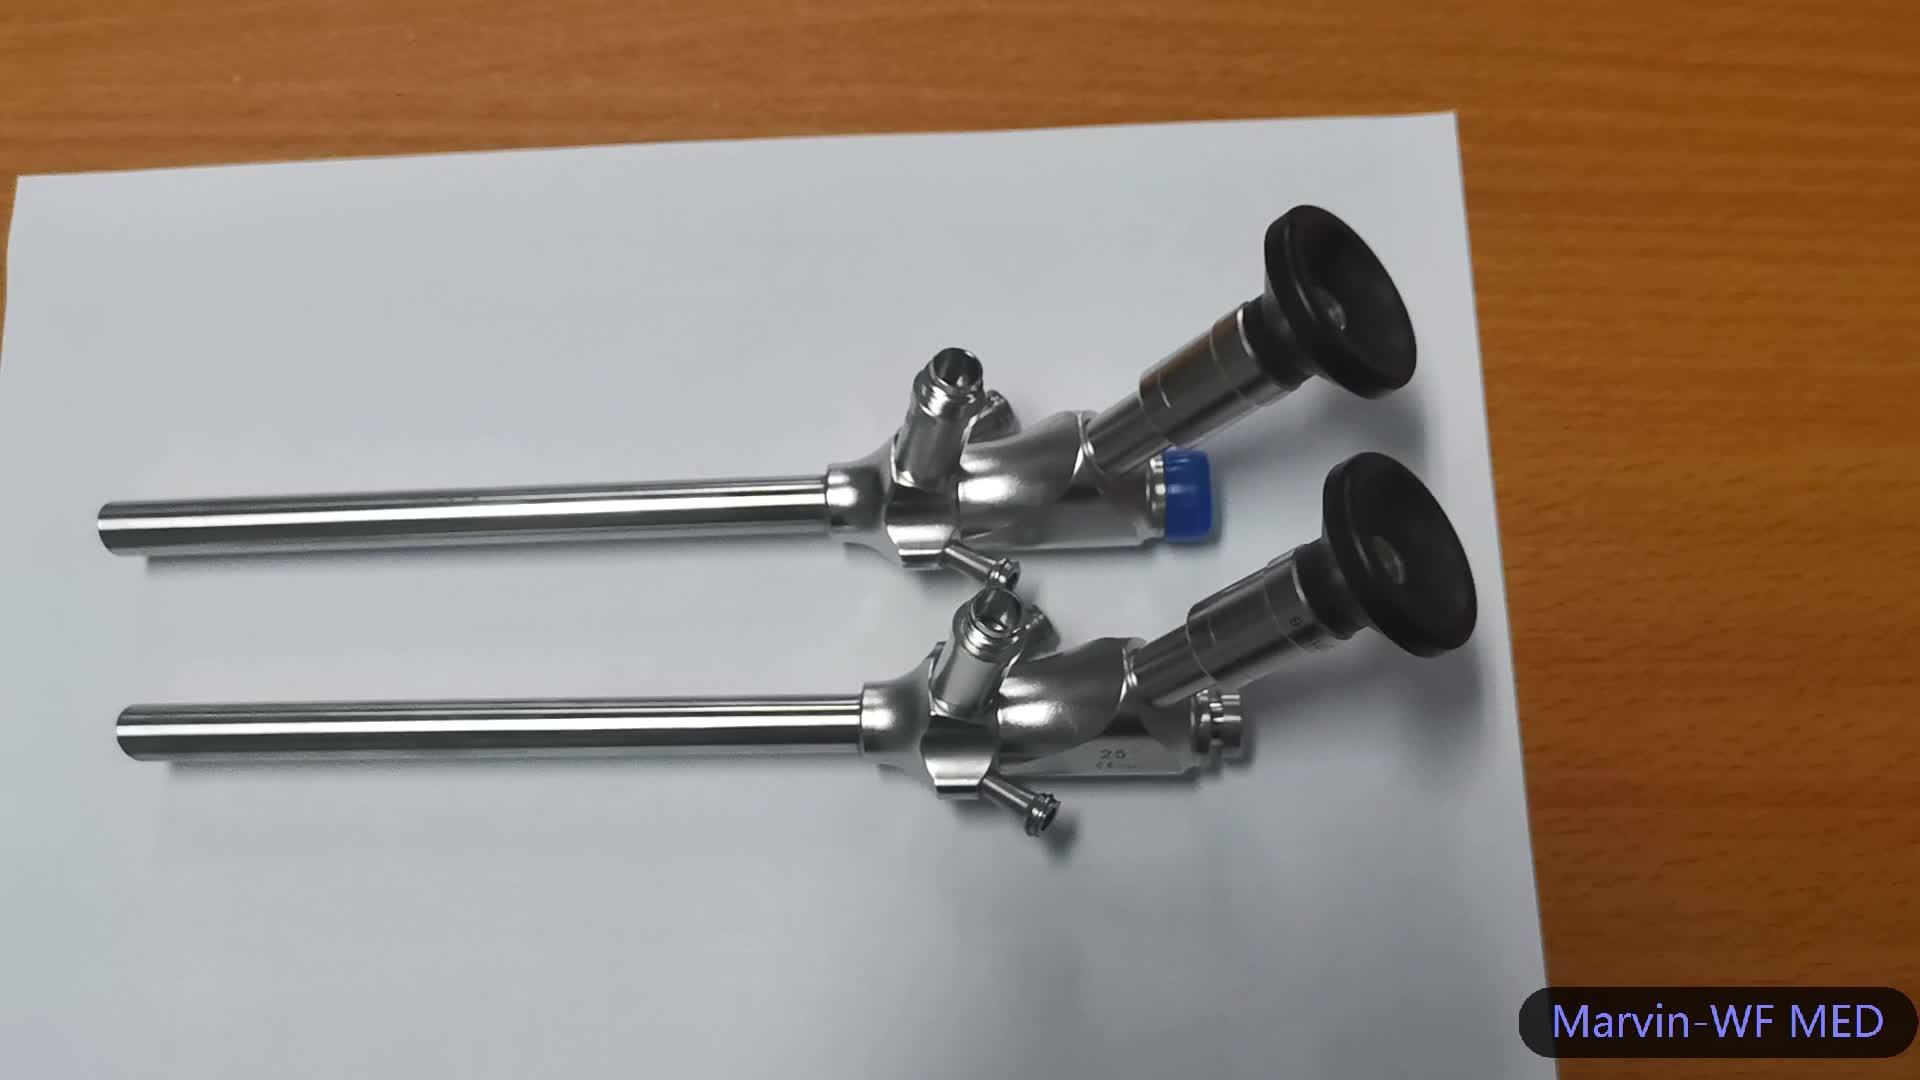 Medical Transforaminal endoscope/10 mm interlaminar spine endoscope